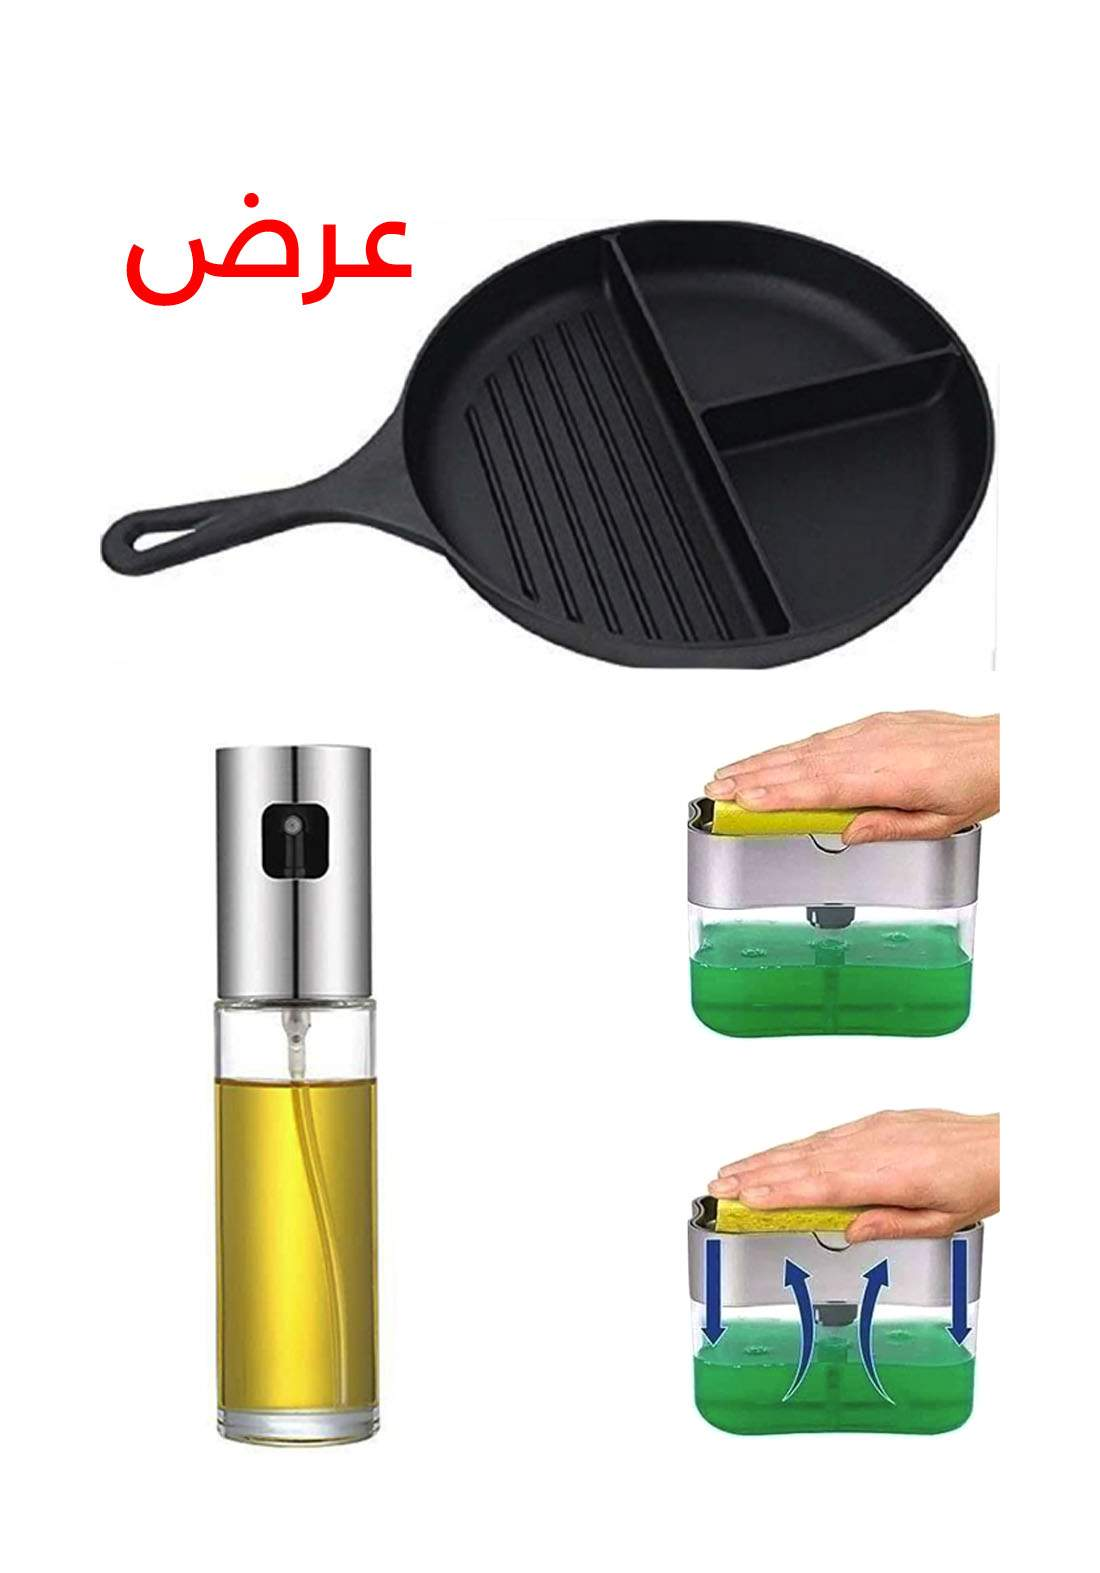 عرض ثلاثي ضاغطة سائل غسيل الصحون وحاملة اسفنجة + مقلاة + مزيتة